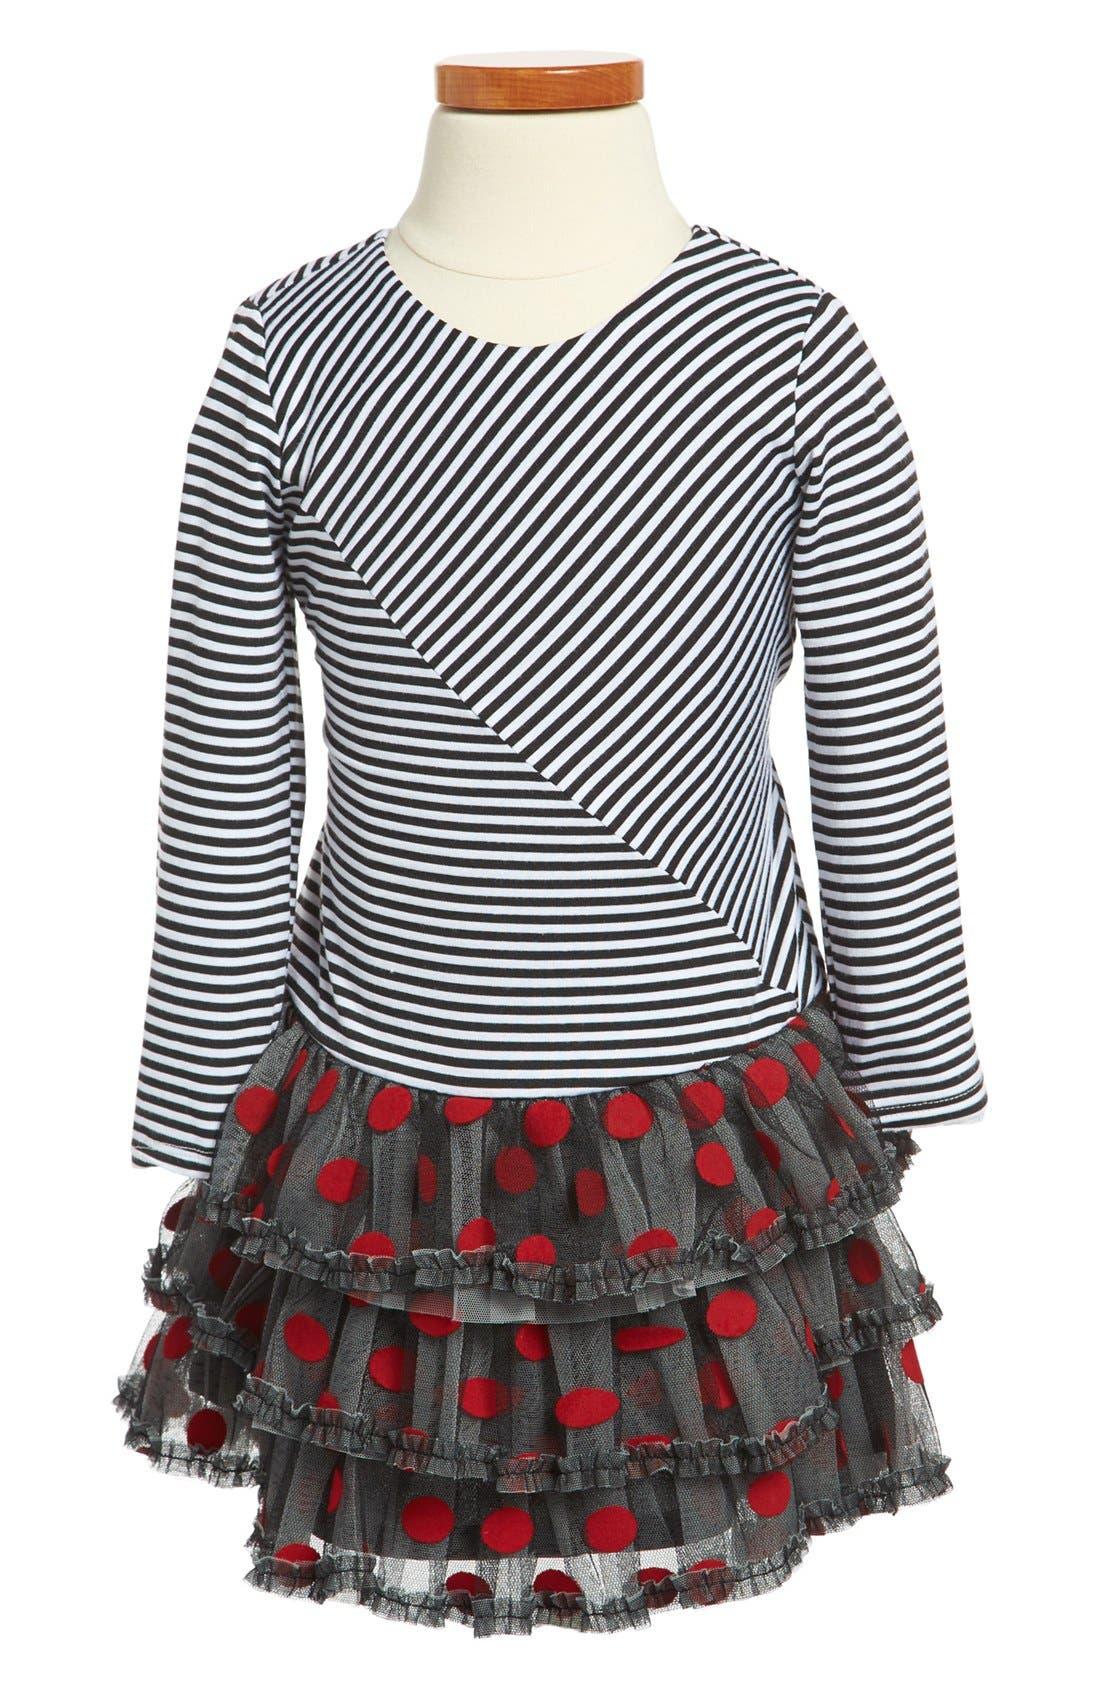 Main Image - Isobella & Chloe Tulle Dress (Toddler Girls)